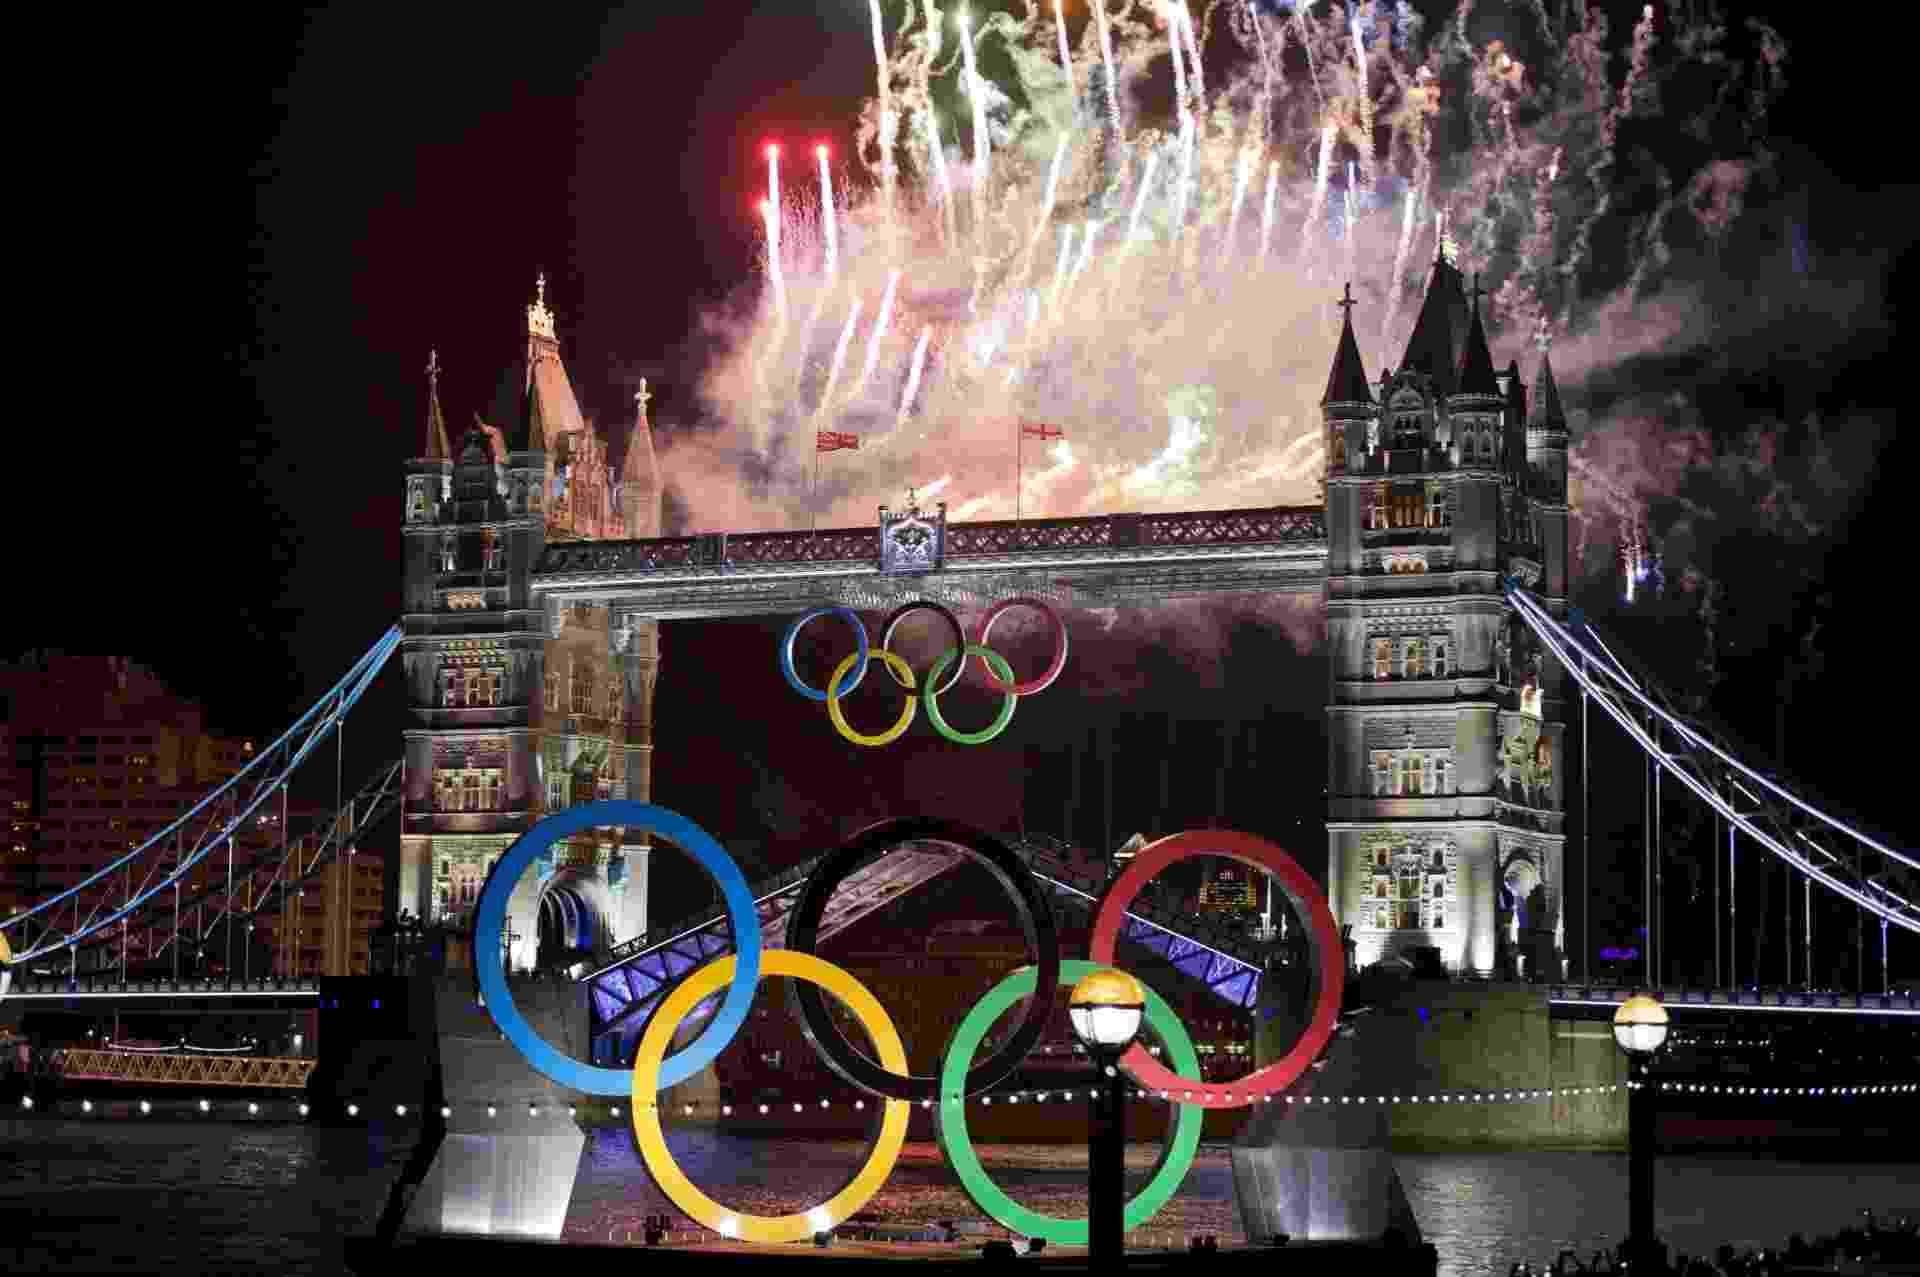 11.jan.2013 - Os Jogos Olímpicos de Londres, que ocorreram entre 27 de Julho e 12 de Agosto de 2012, produziram em duas semanas tantas emissões de gases de efeito estufa quanto cerca de 200 mil lares europeus somados em um ano, segundo dados do Comitê Organizador da capital britânica, o Locog - Johannes Eisele/AFP/27.jul.2012